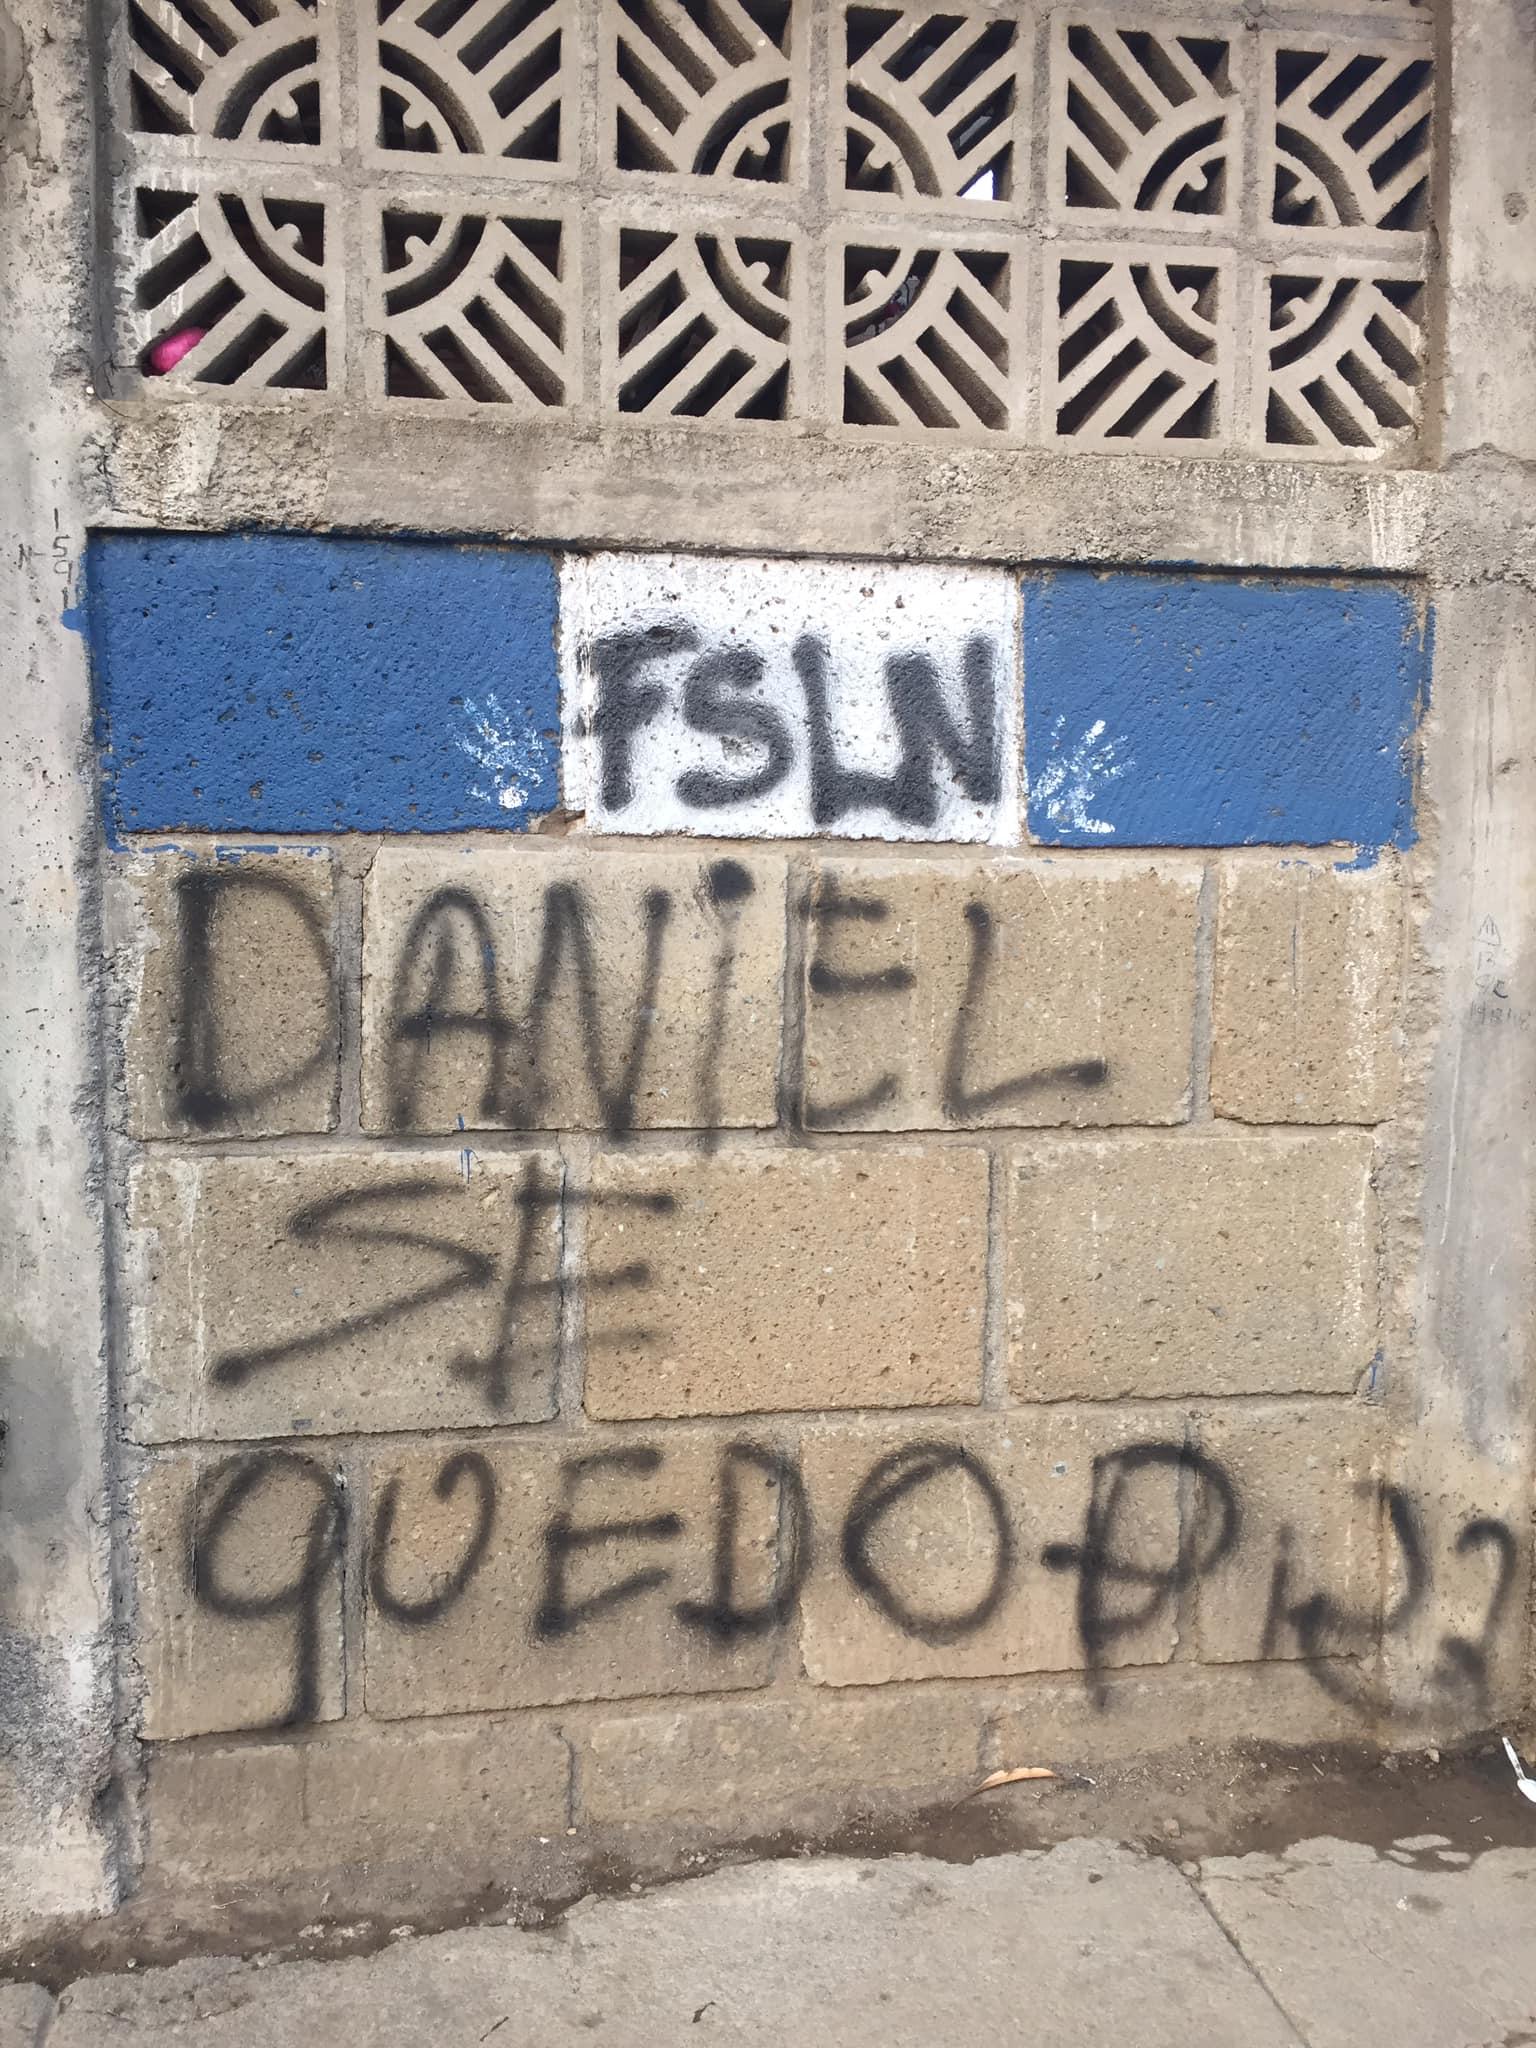 Periodista nicaragüense denuncia que fanáticos orteguistas realizaron pintas intimidatorias en su casa. Foto: Cortesía